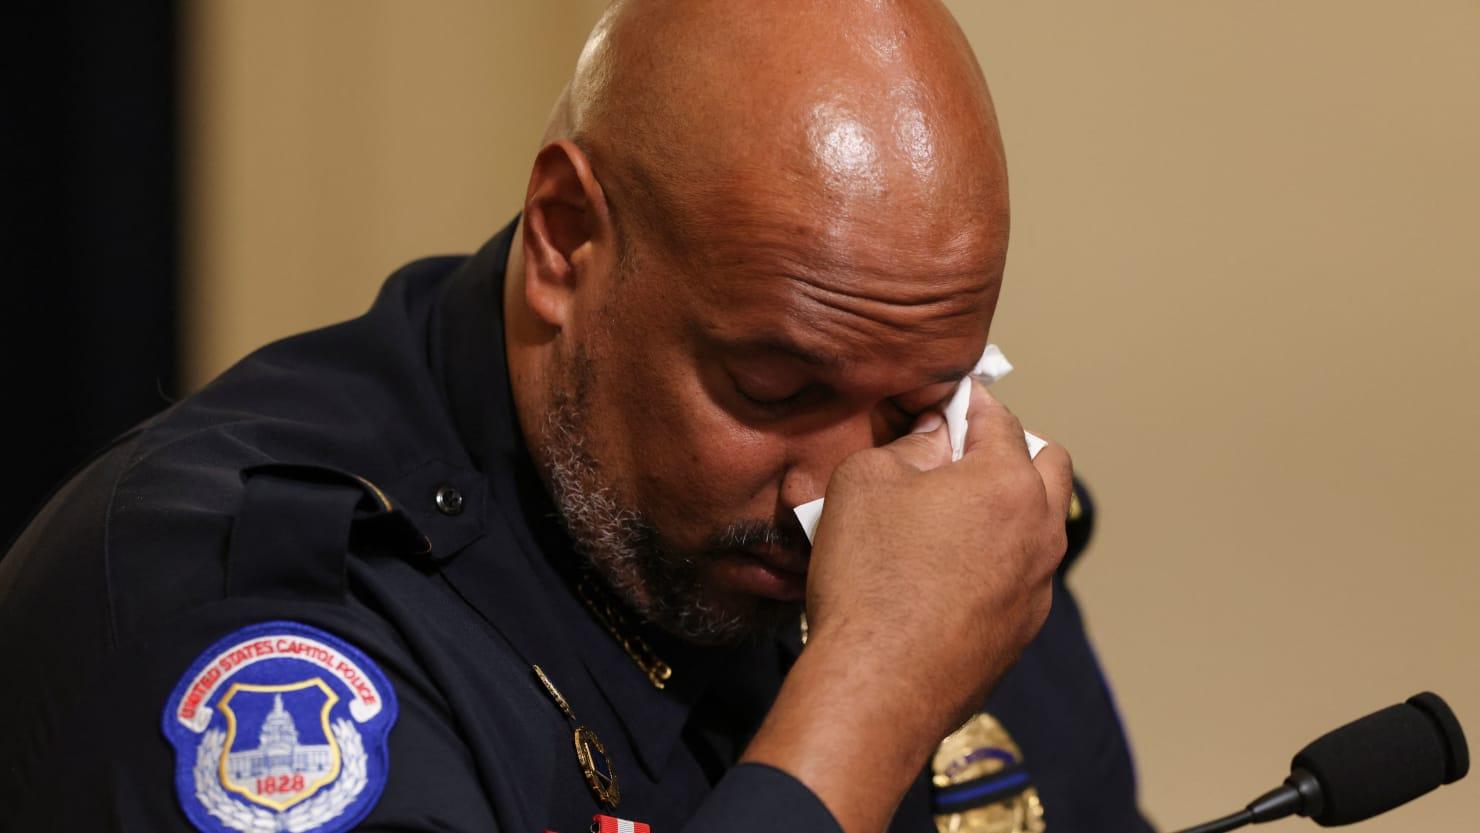 State TV Host Mocks Black Jan. 6 Cop in 'N-Word' Fueled Rant